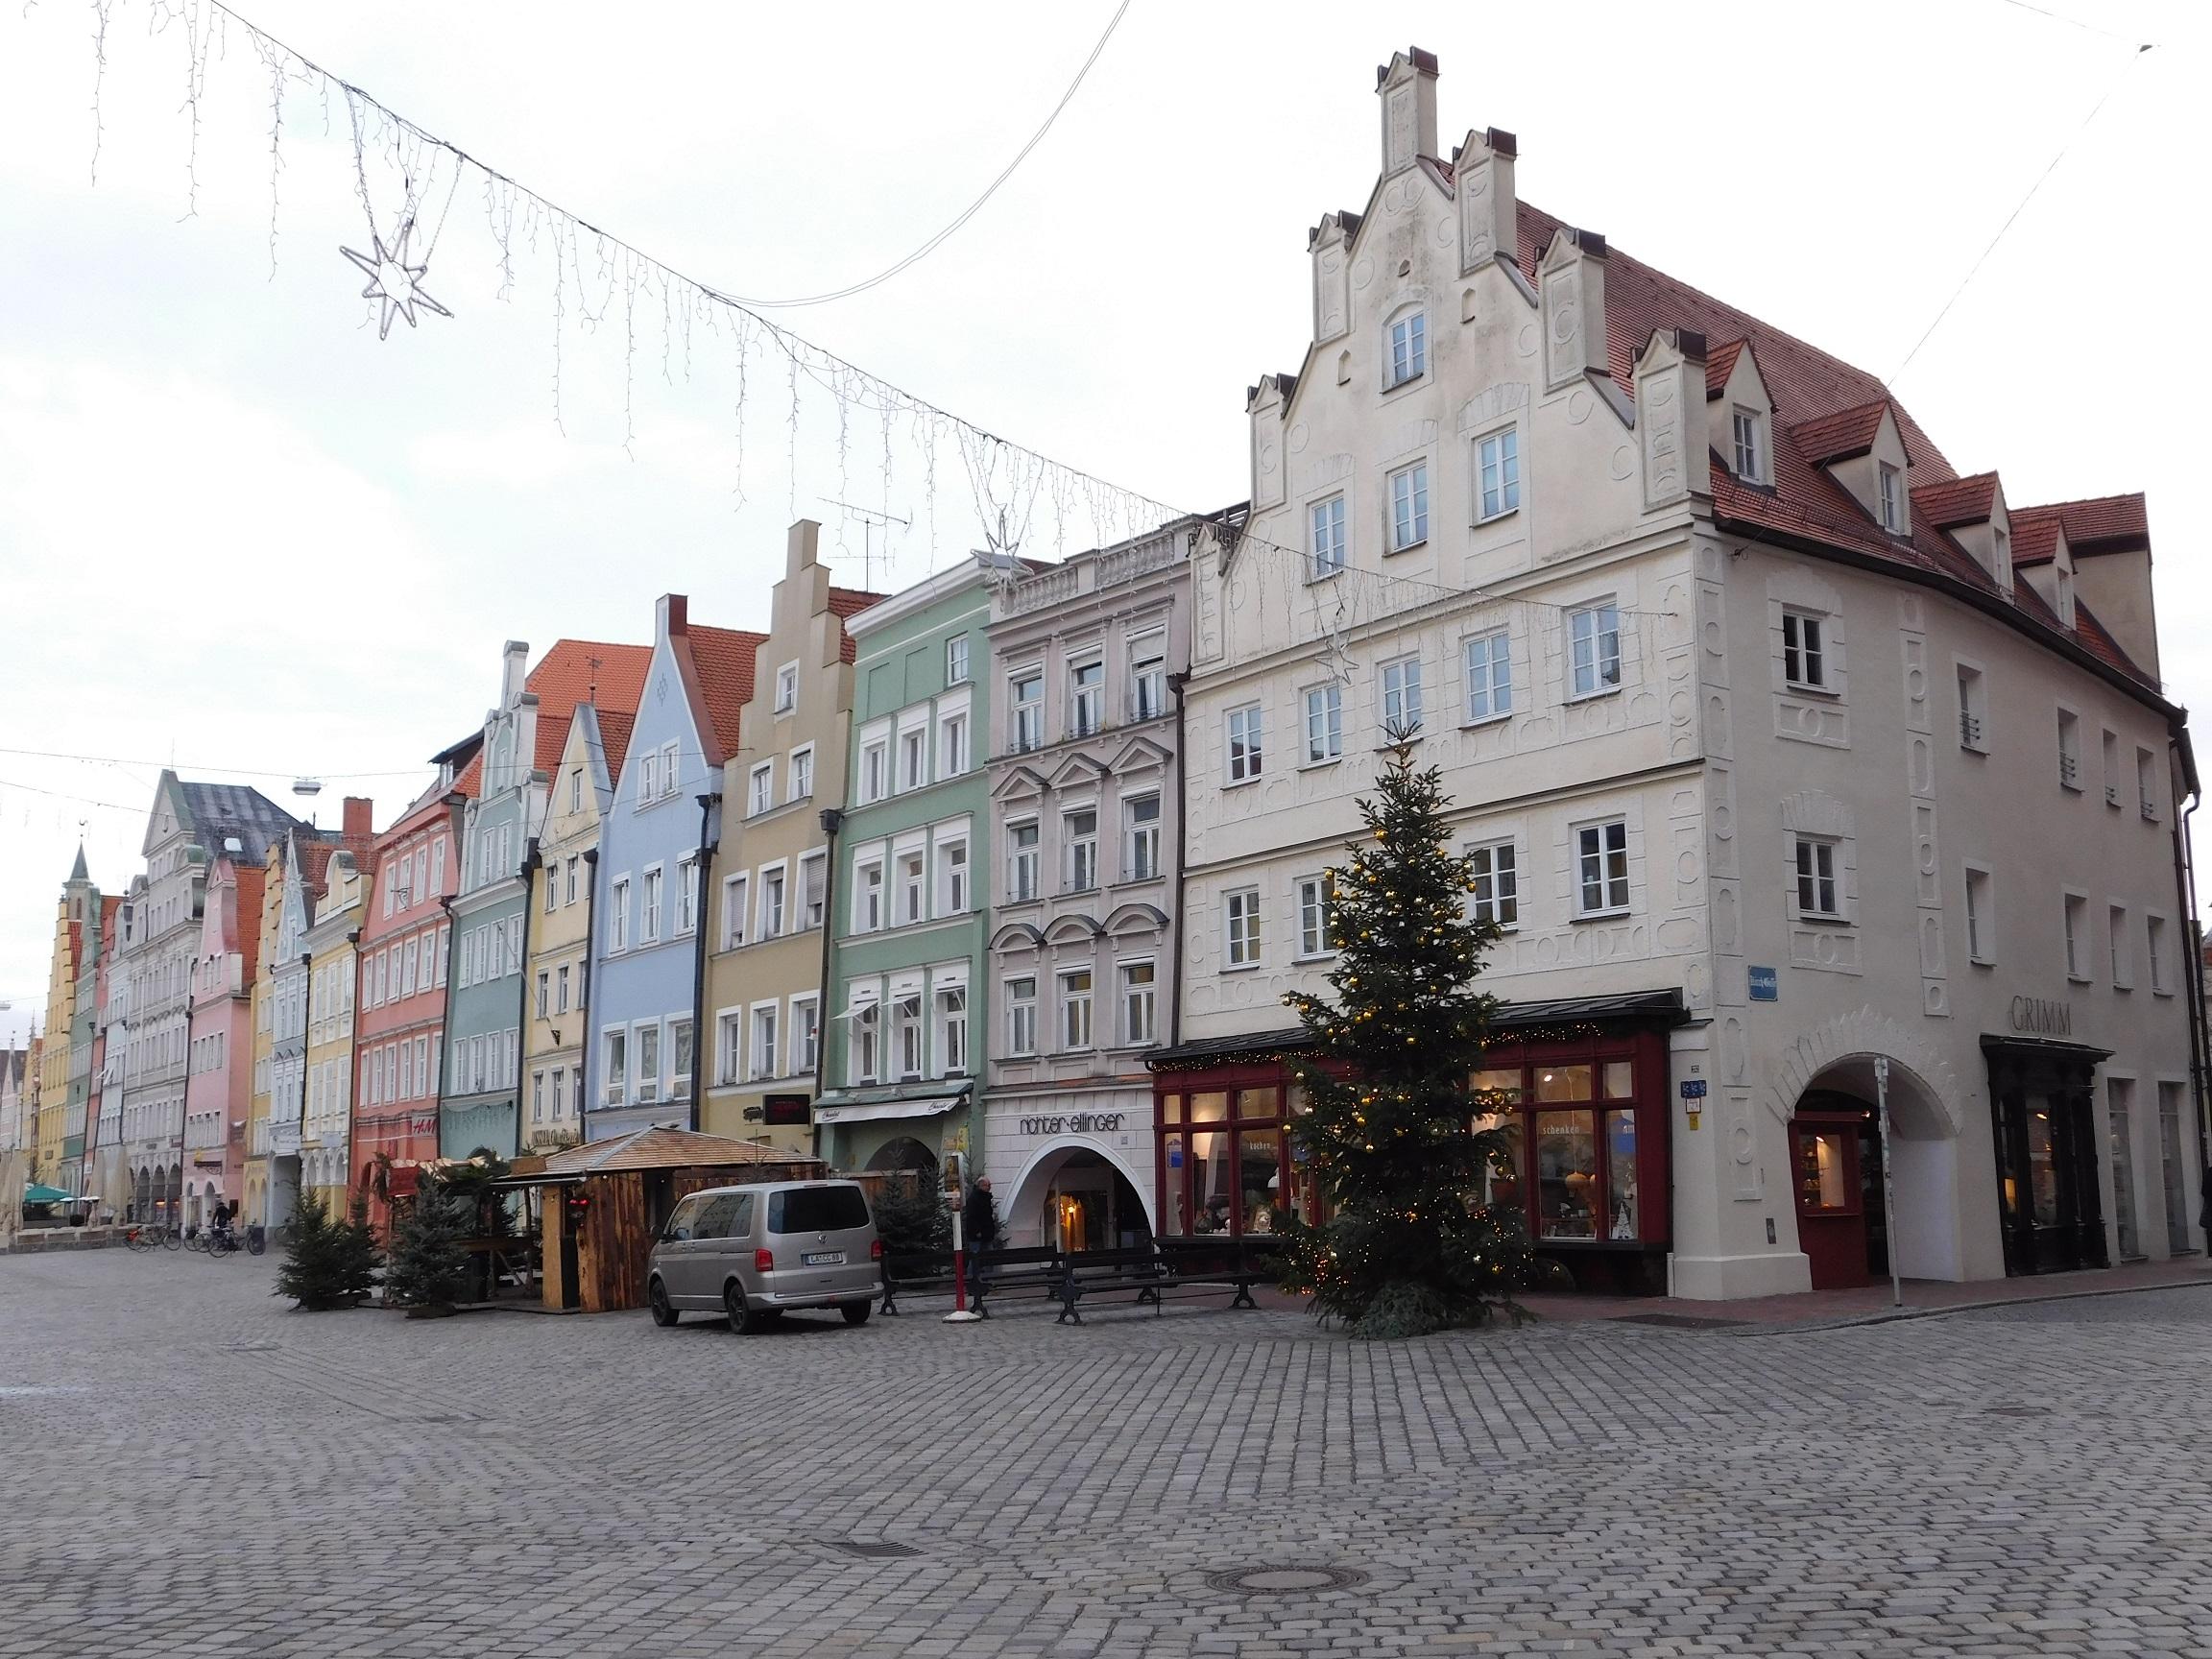 Landshut21